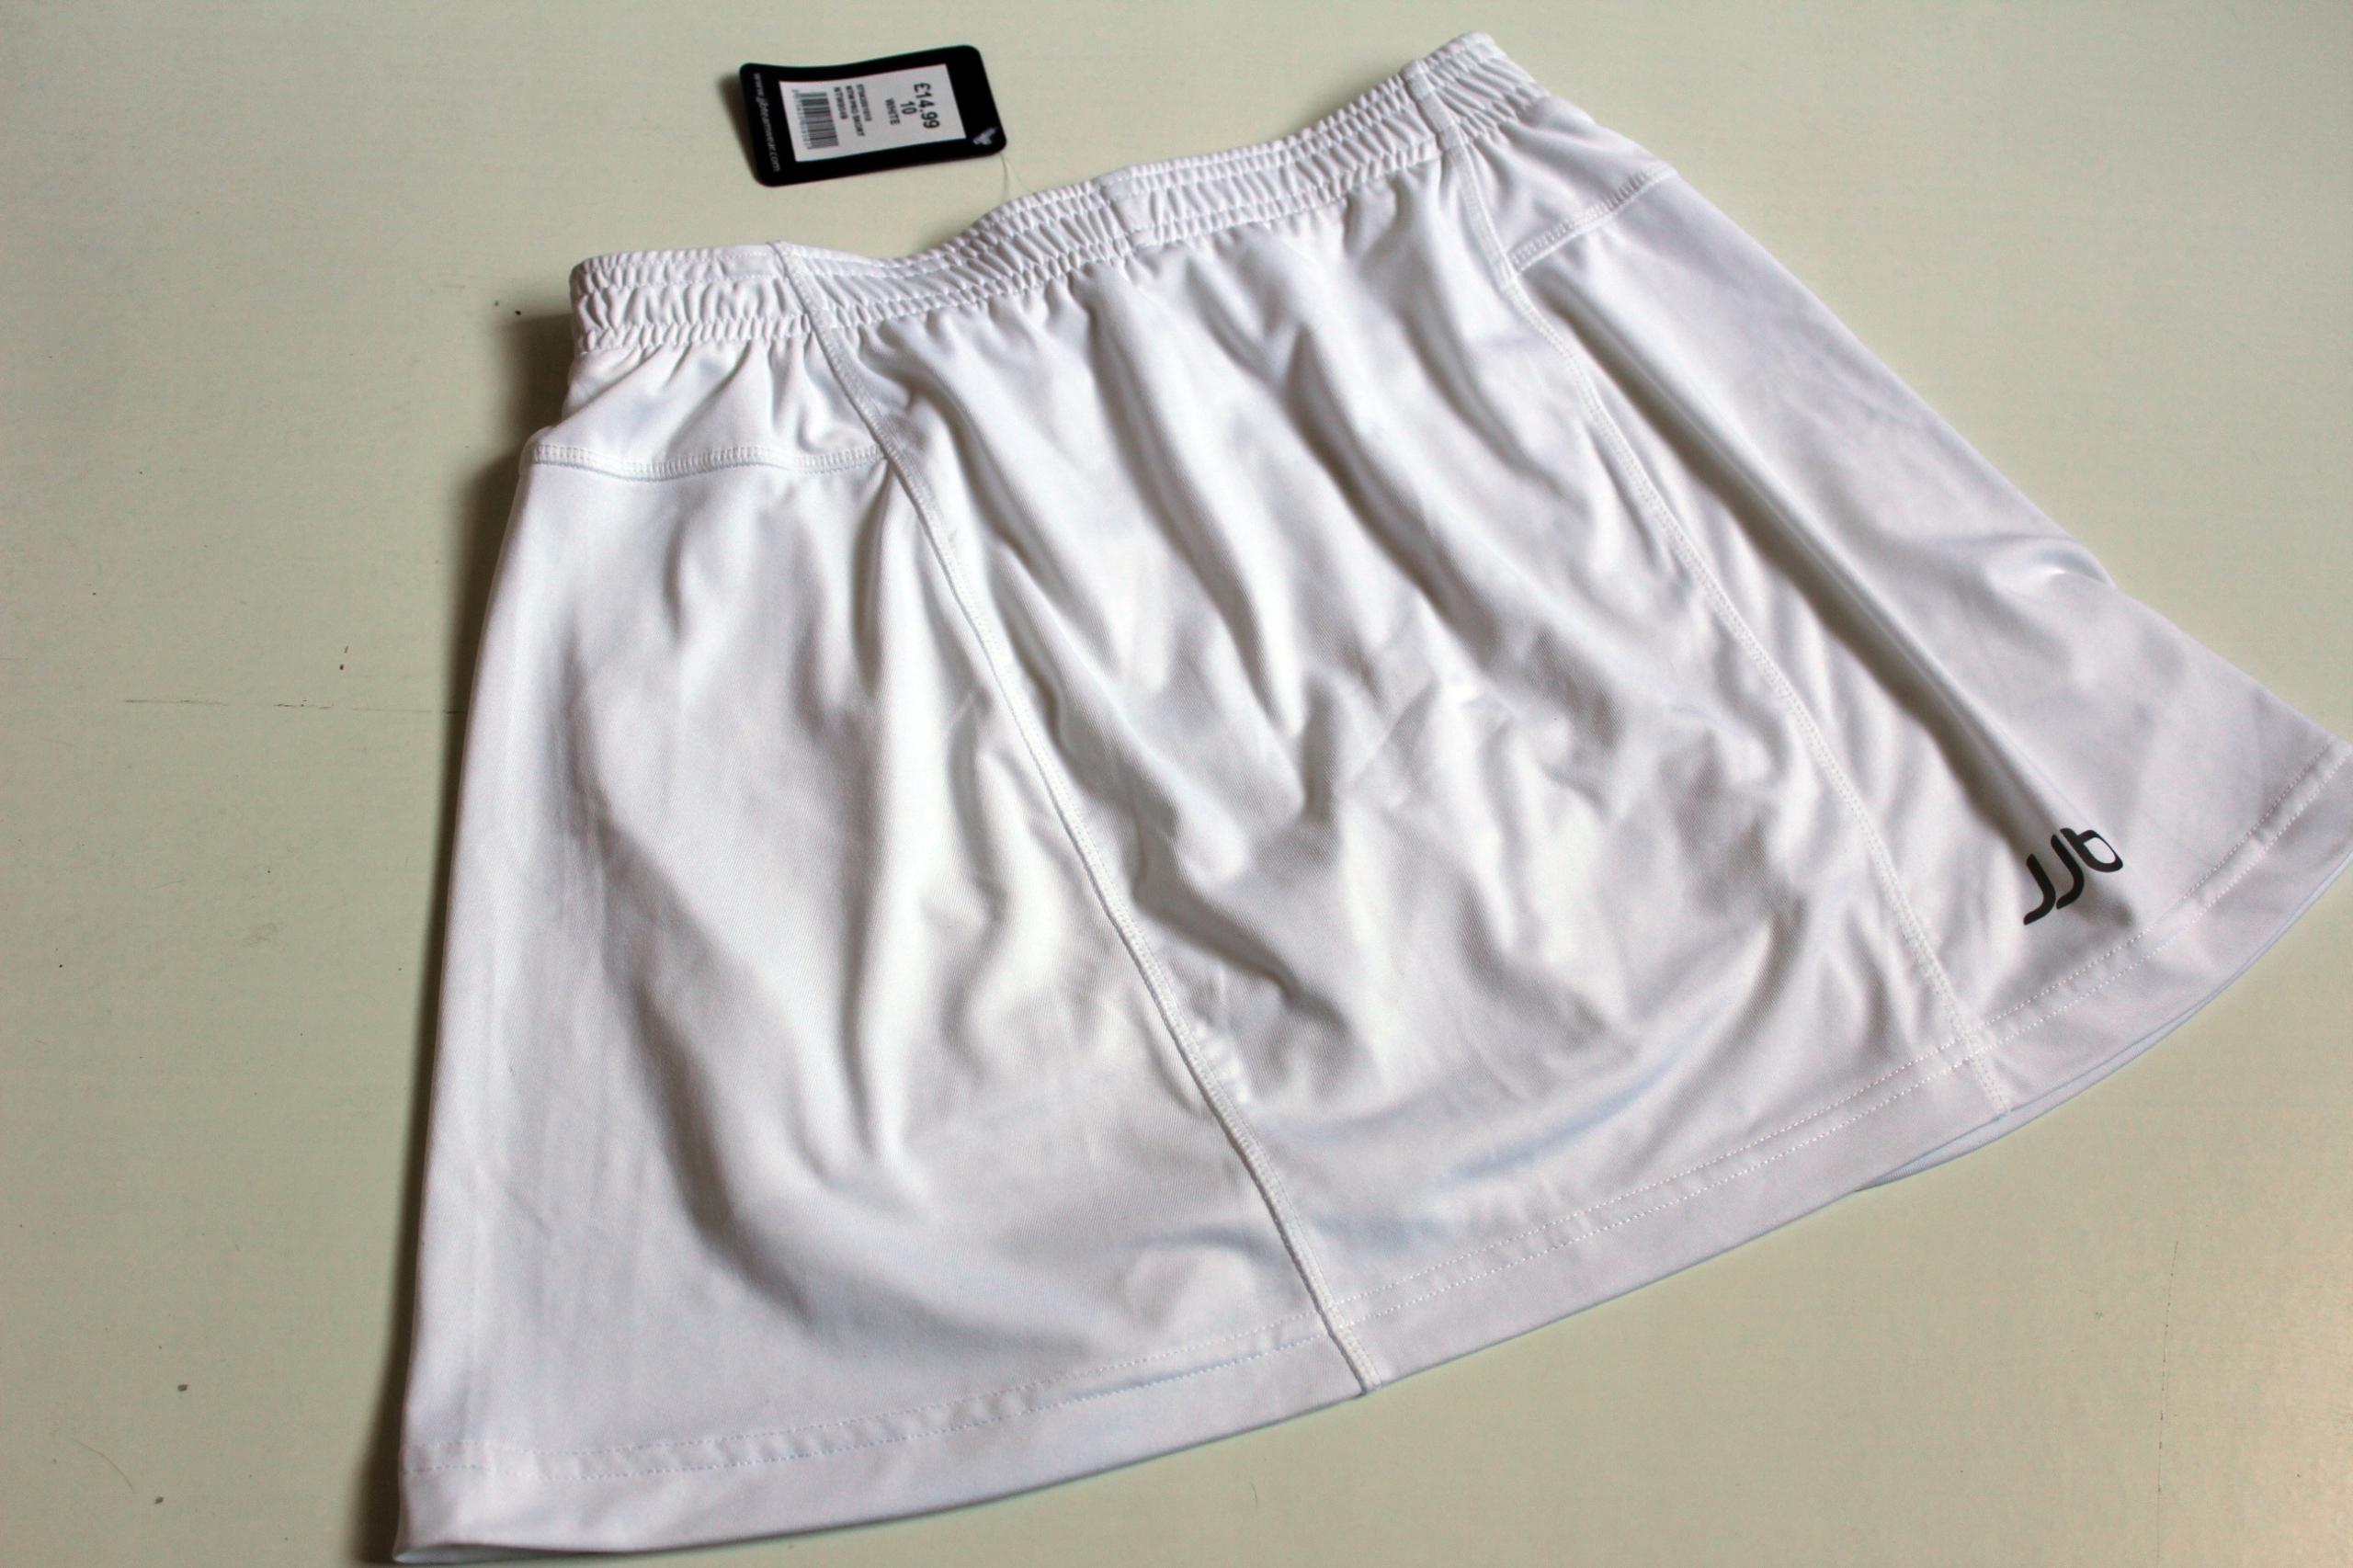 Sportowa spódnica ze spodenkami